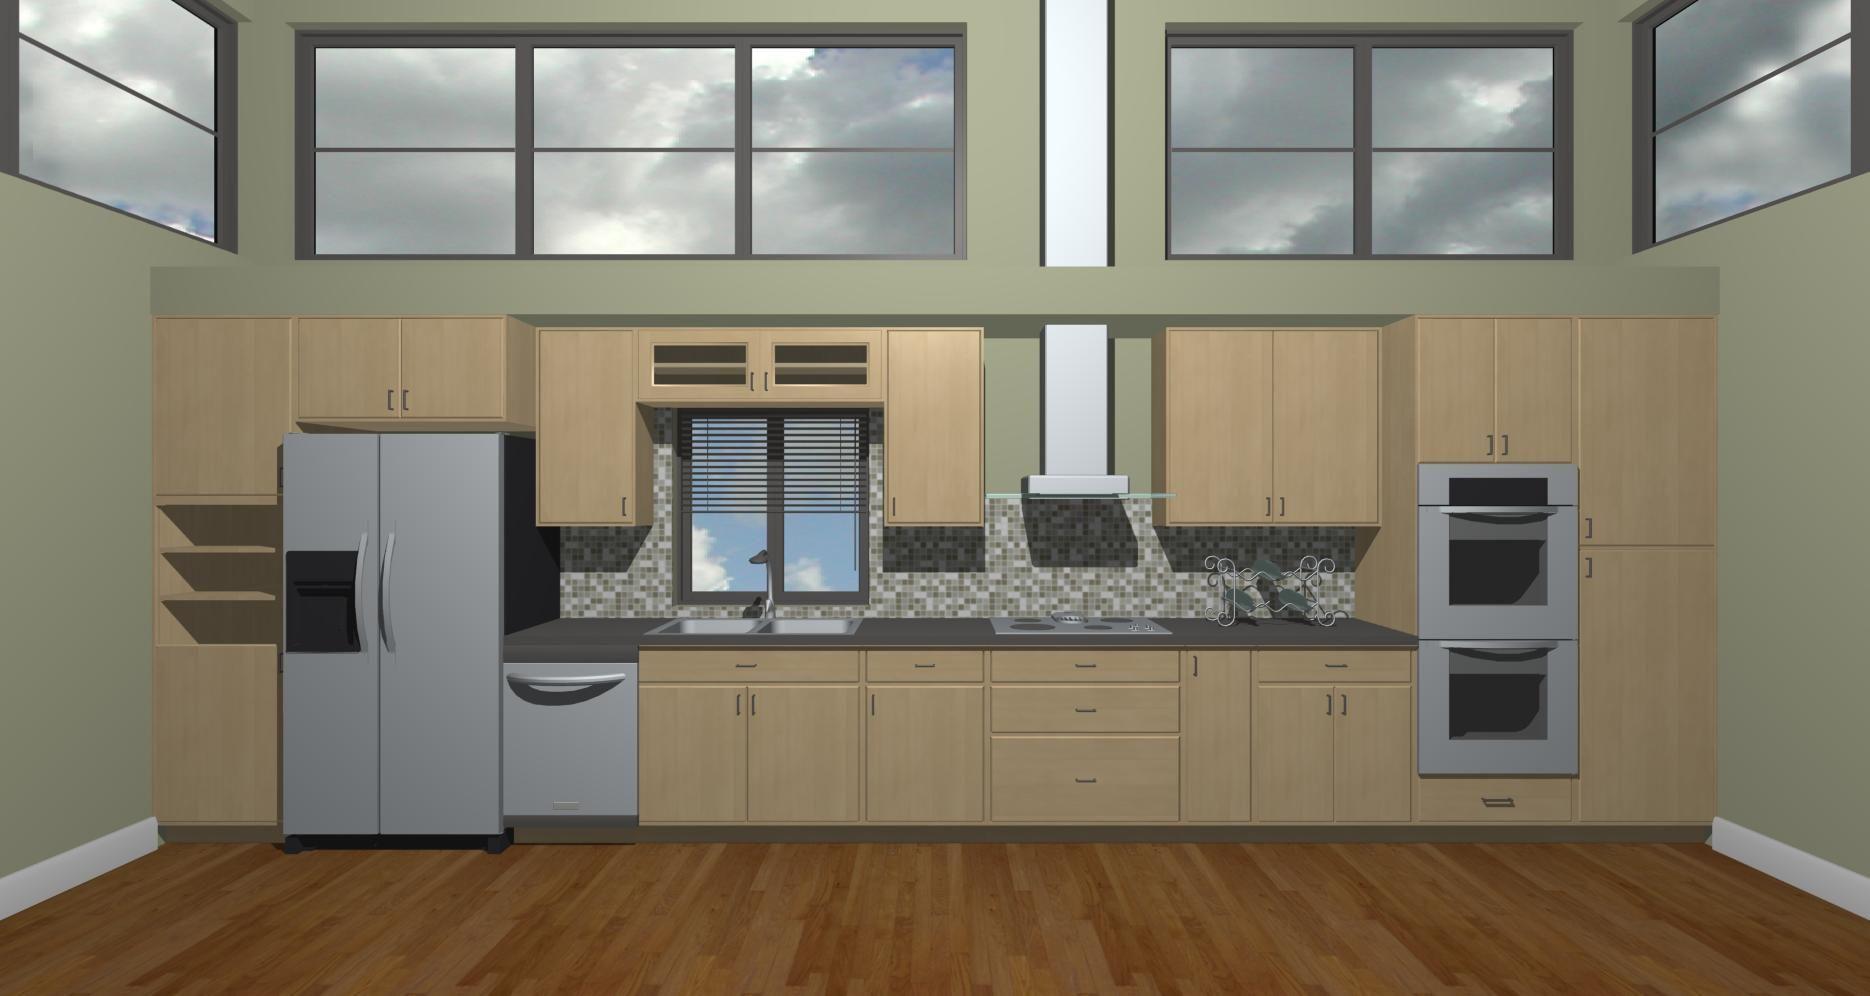 Straight line kitchen layout hmmm dream space for Straight line kitchen designs